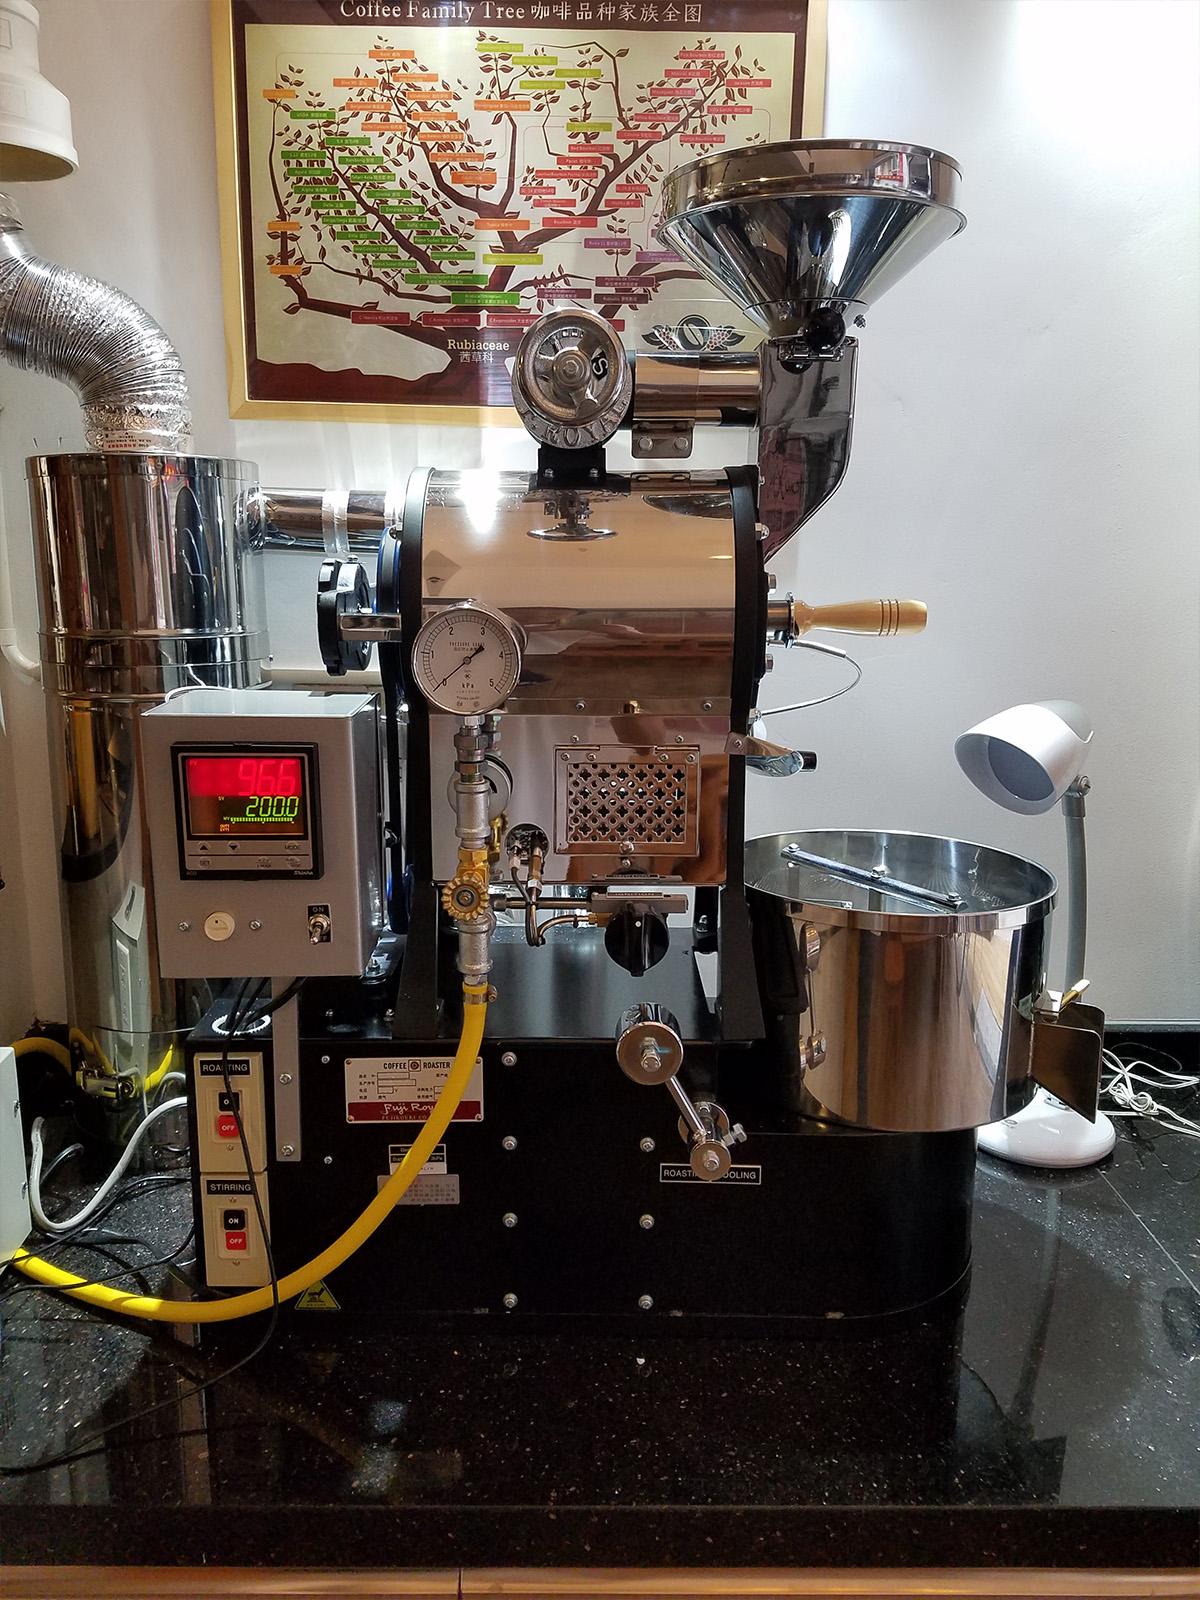 月港咖啡 YueGang Coffee 的富士皇家的R-101(1公斤)咖啡烘焙机。